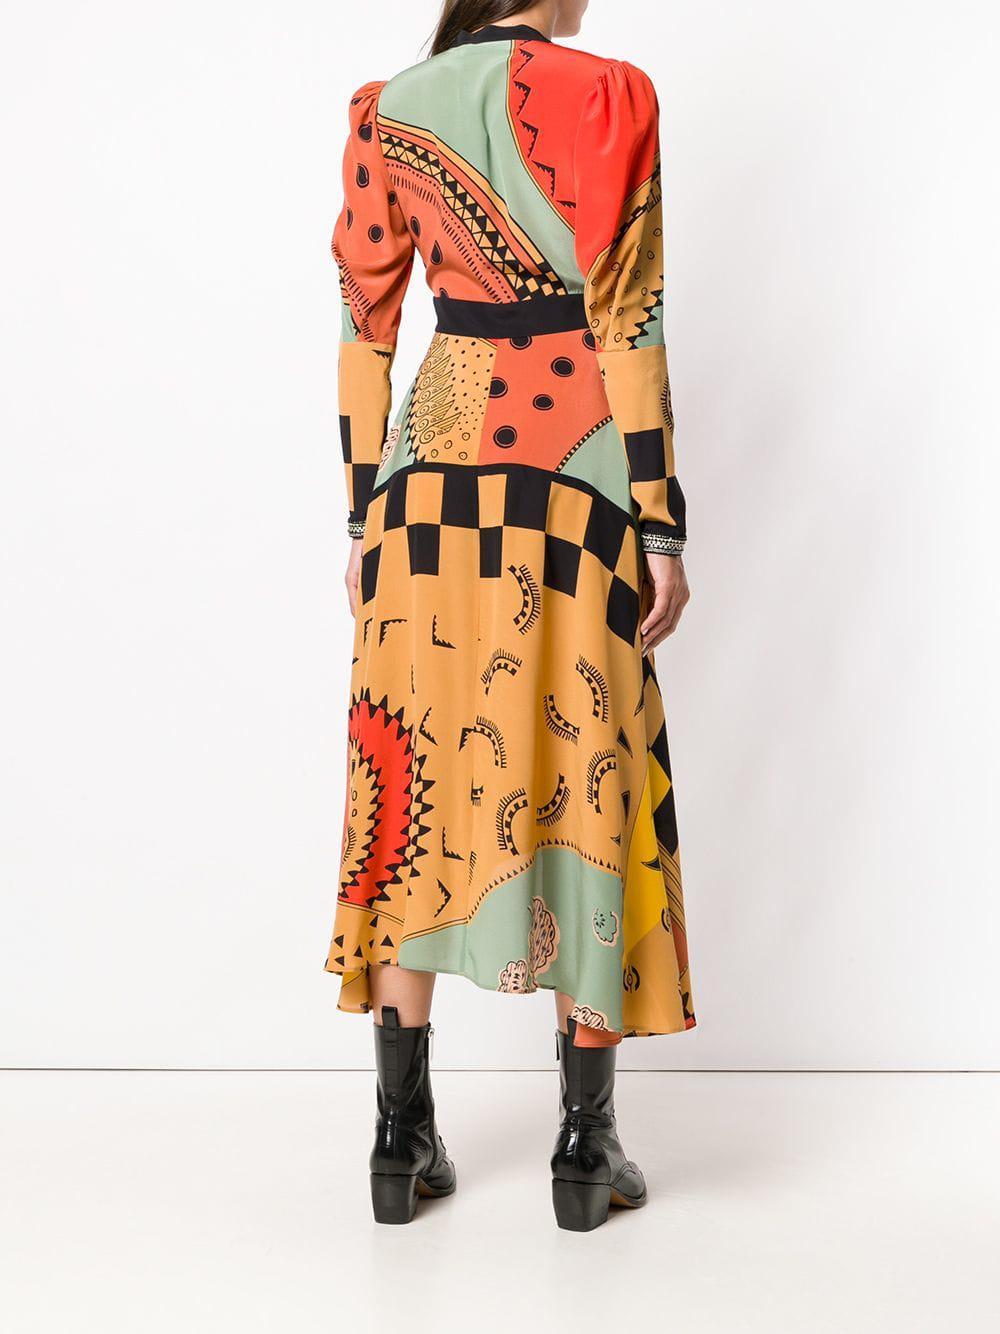 ef4b995dff8 Etro Yuna Dress in Orange - Lyst